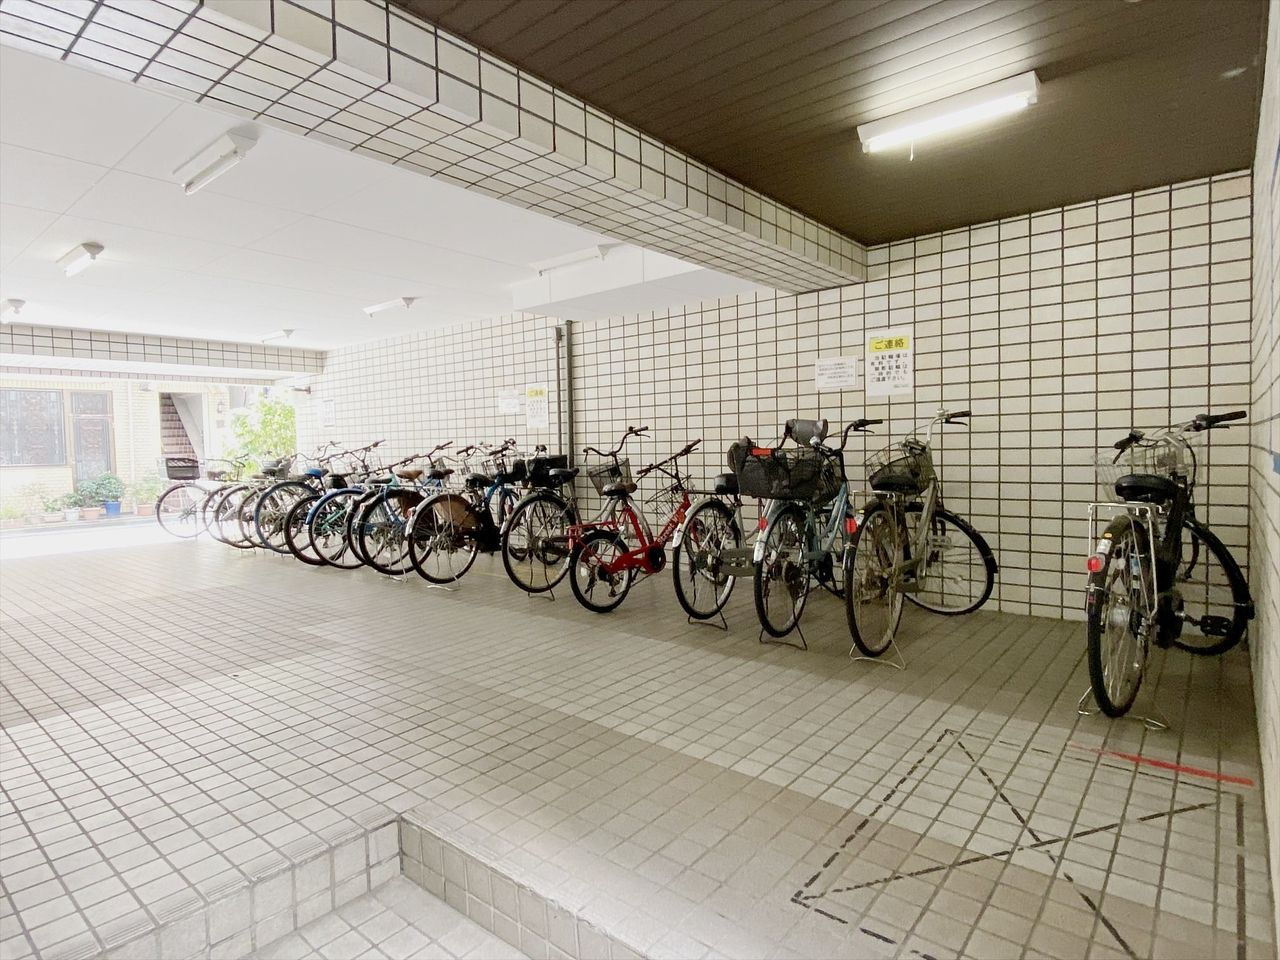 池袋の分譲賃貸マンション 池袋ダイカンプラザ 自転車置き場は有料です月1,000円